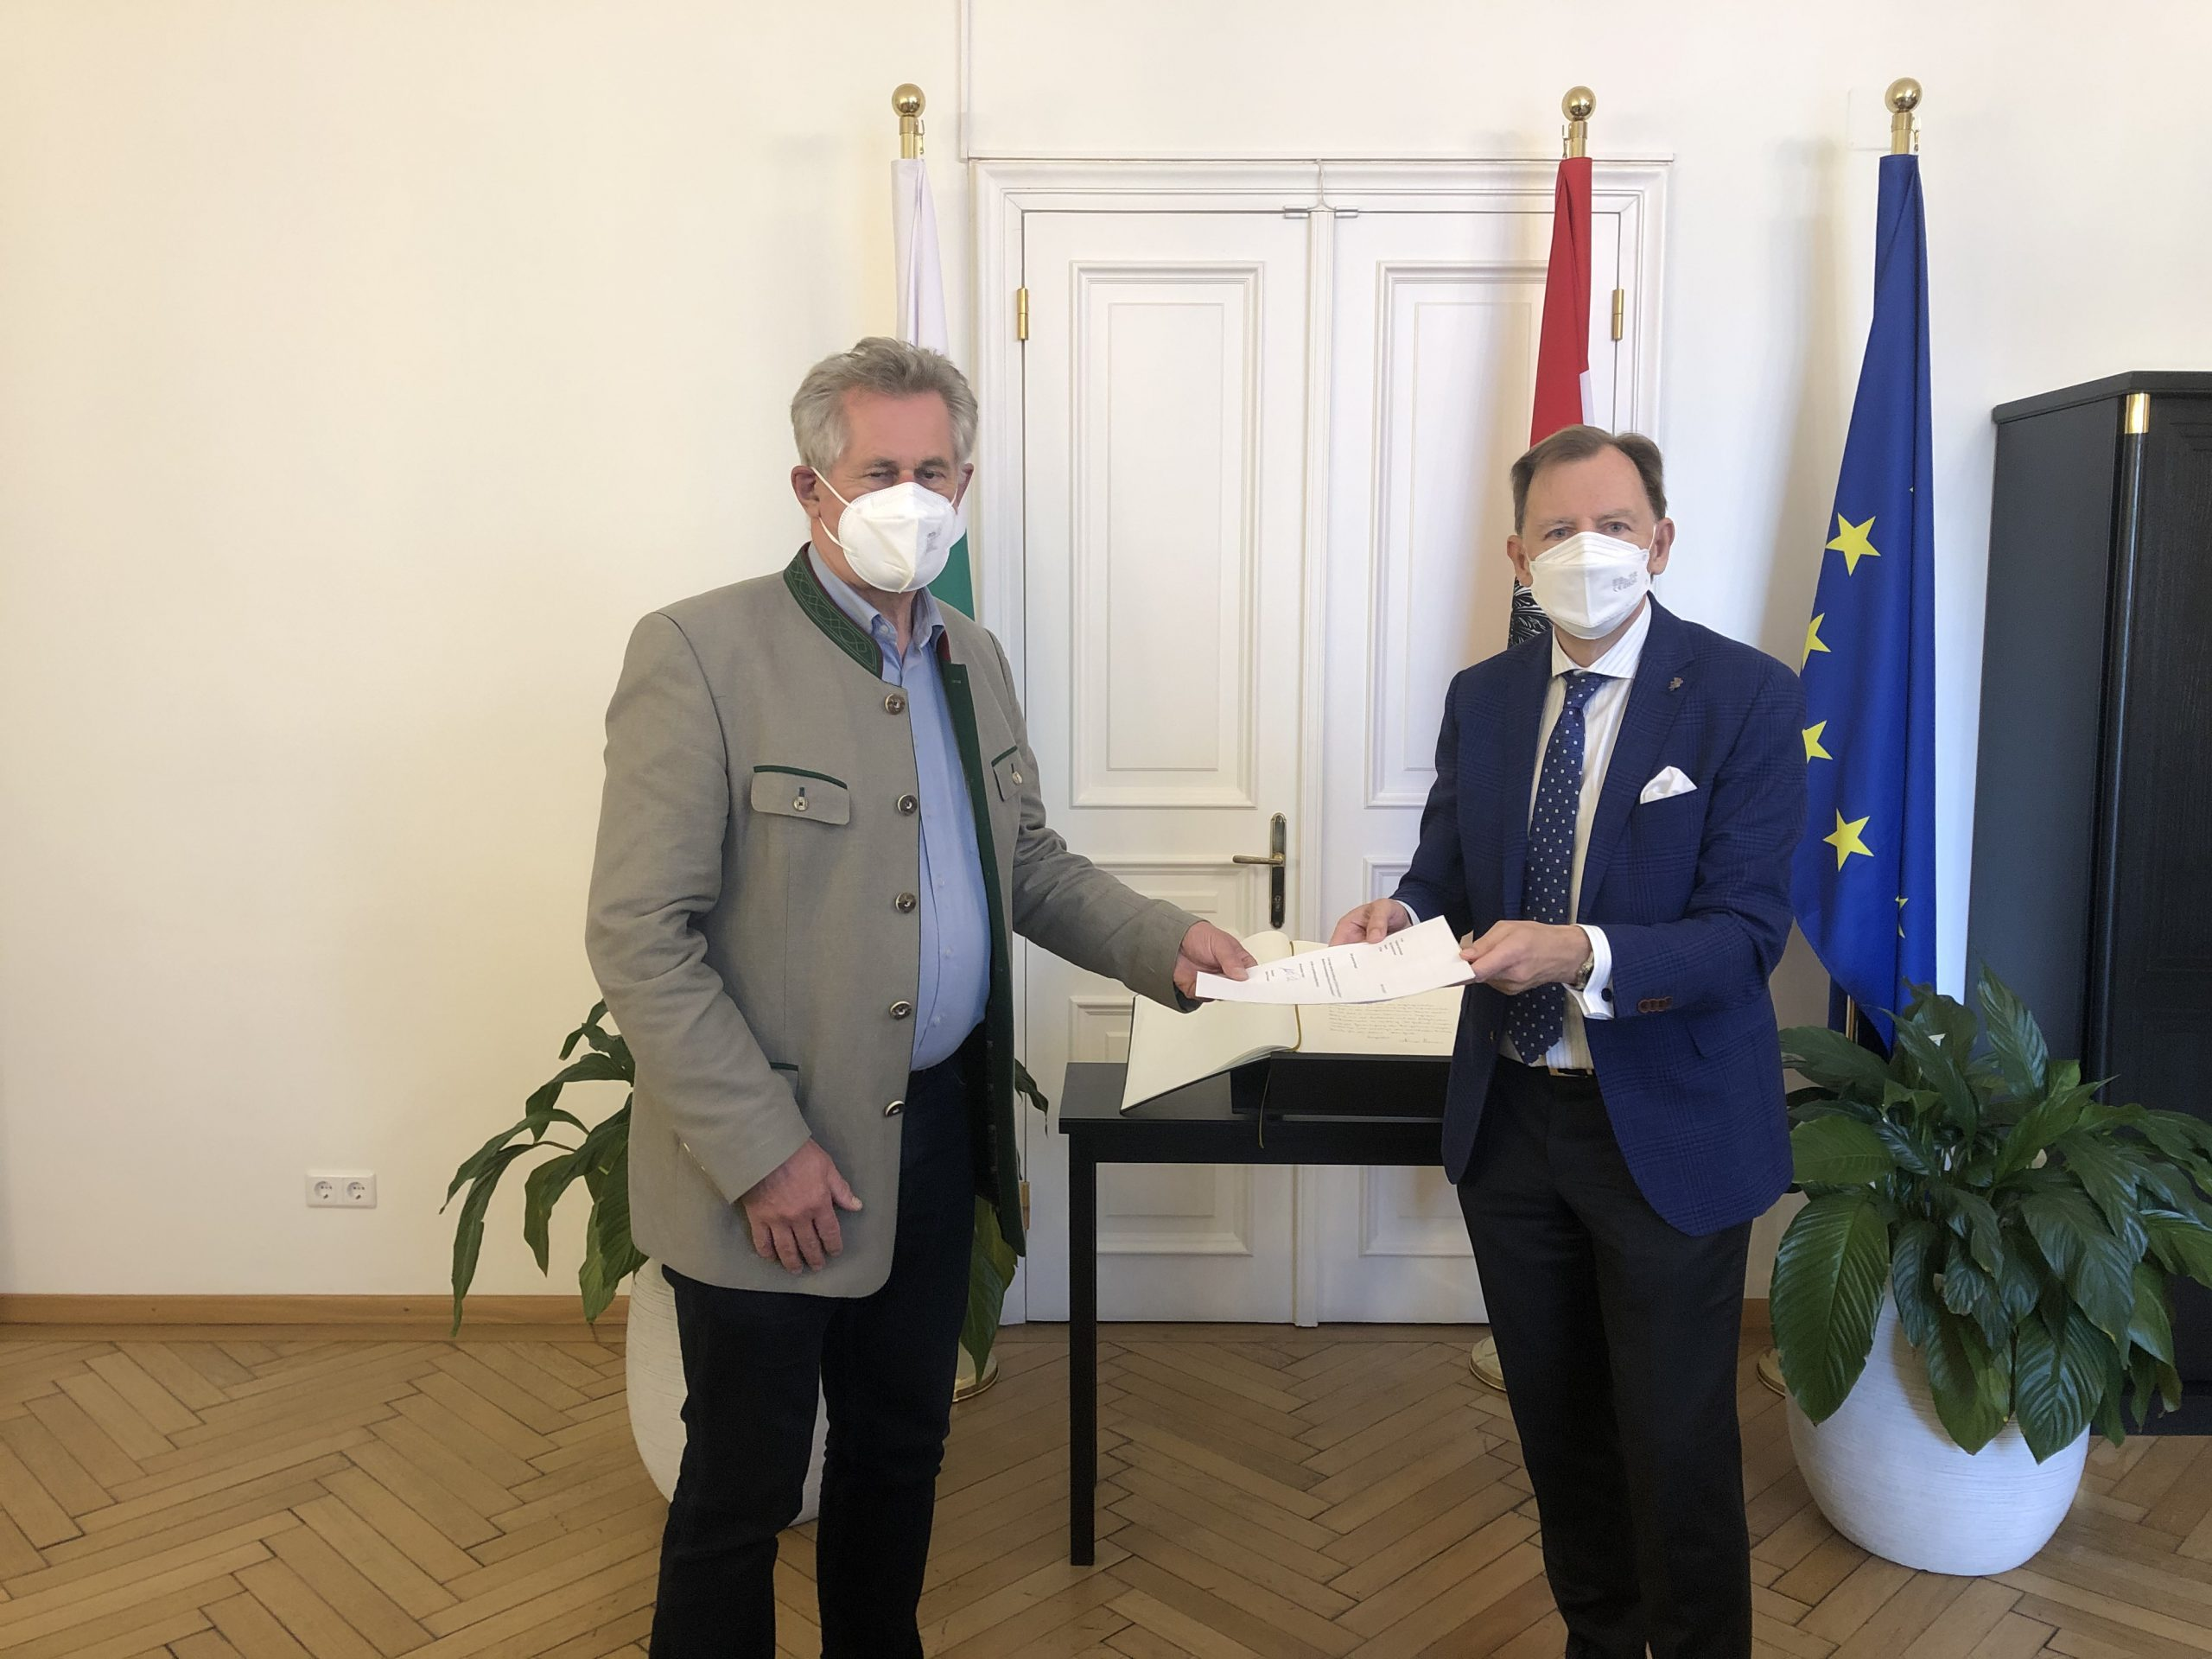 Petitionsuebergabe_Preineder_Buchmann